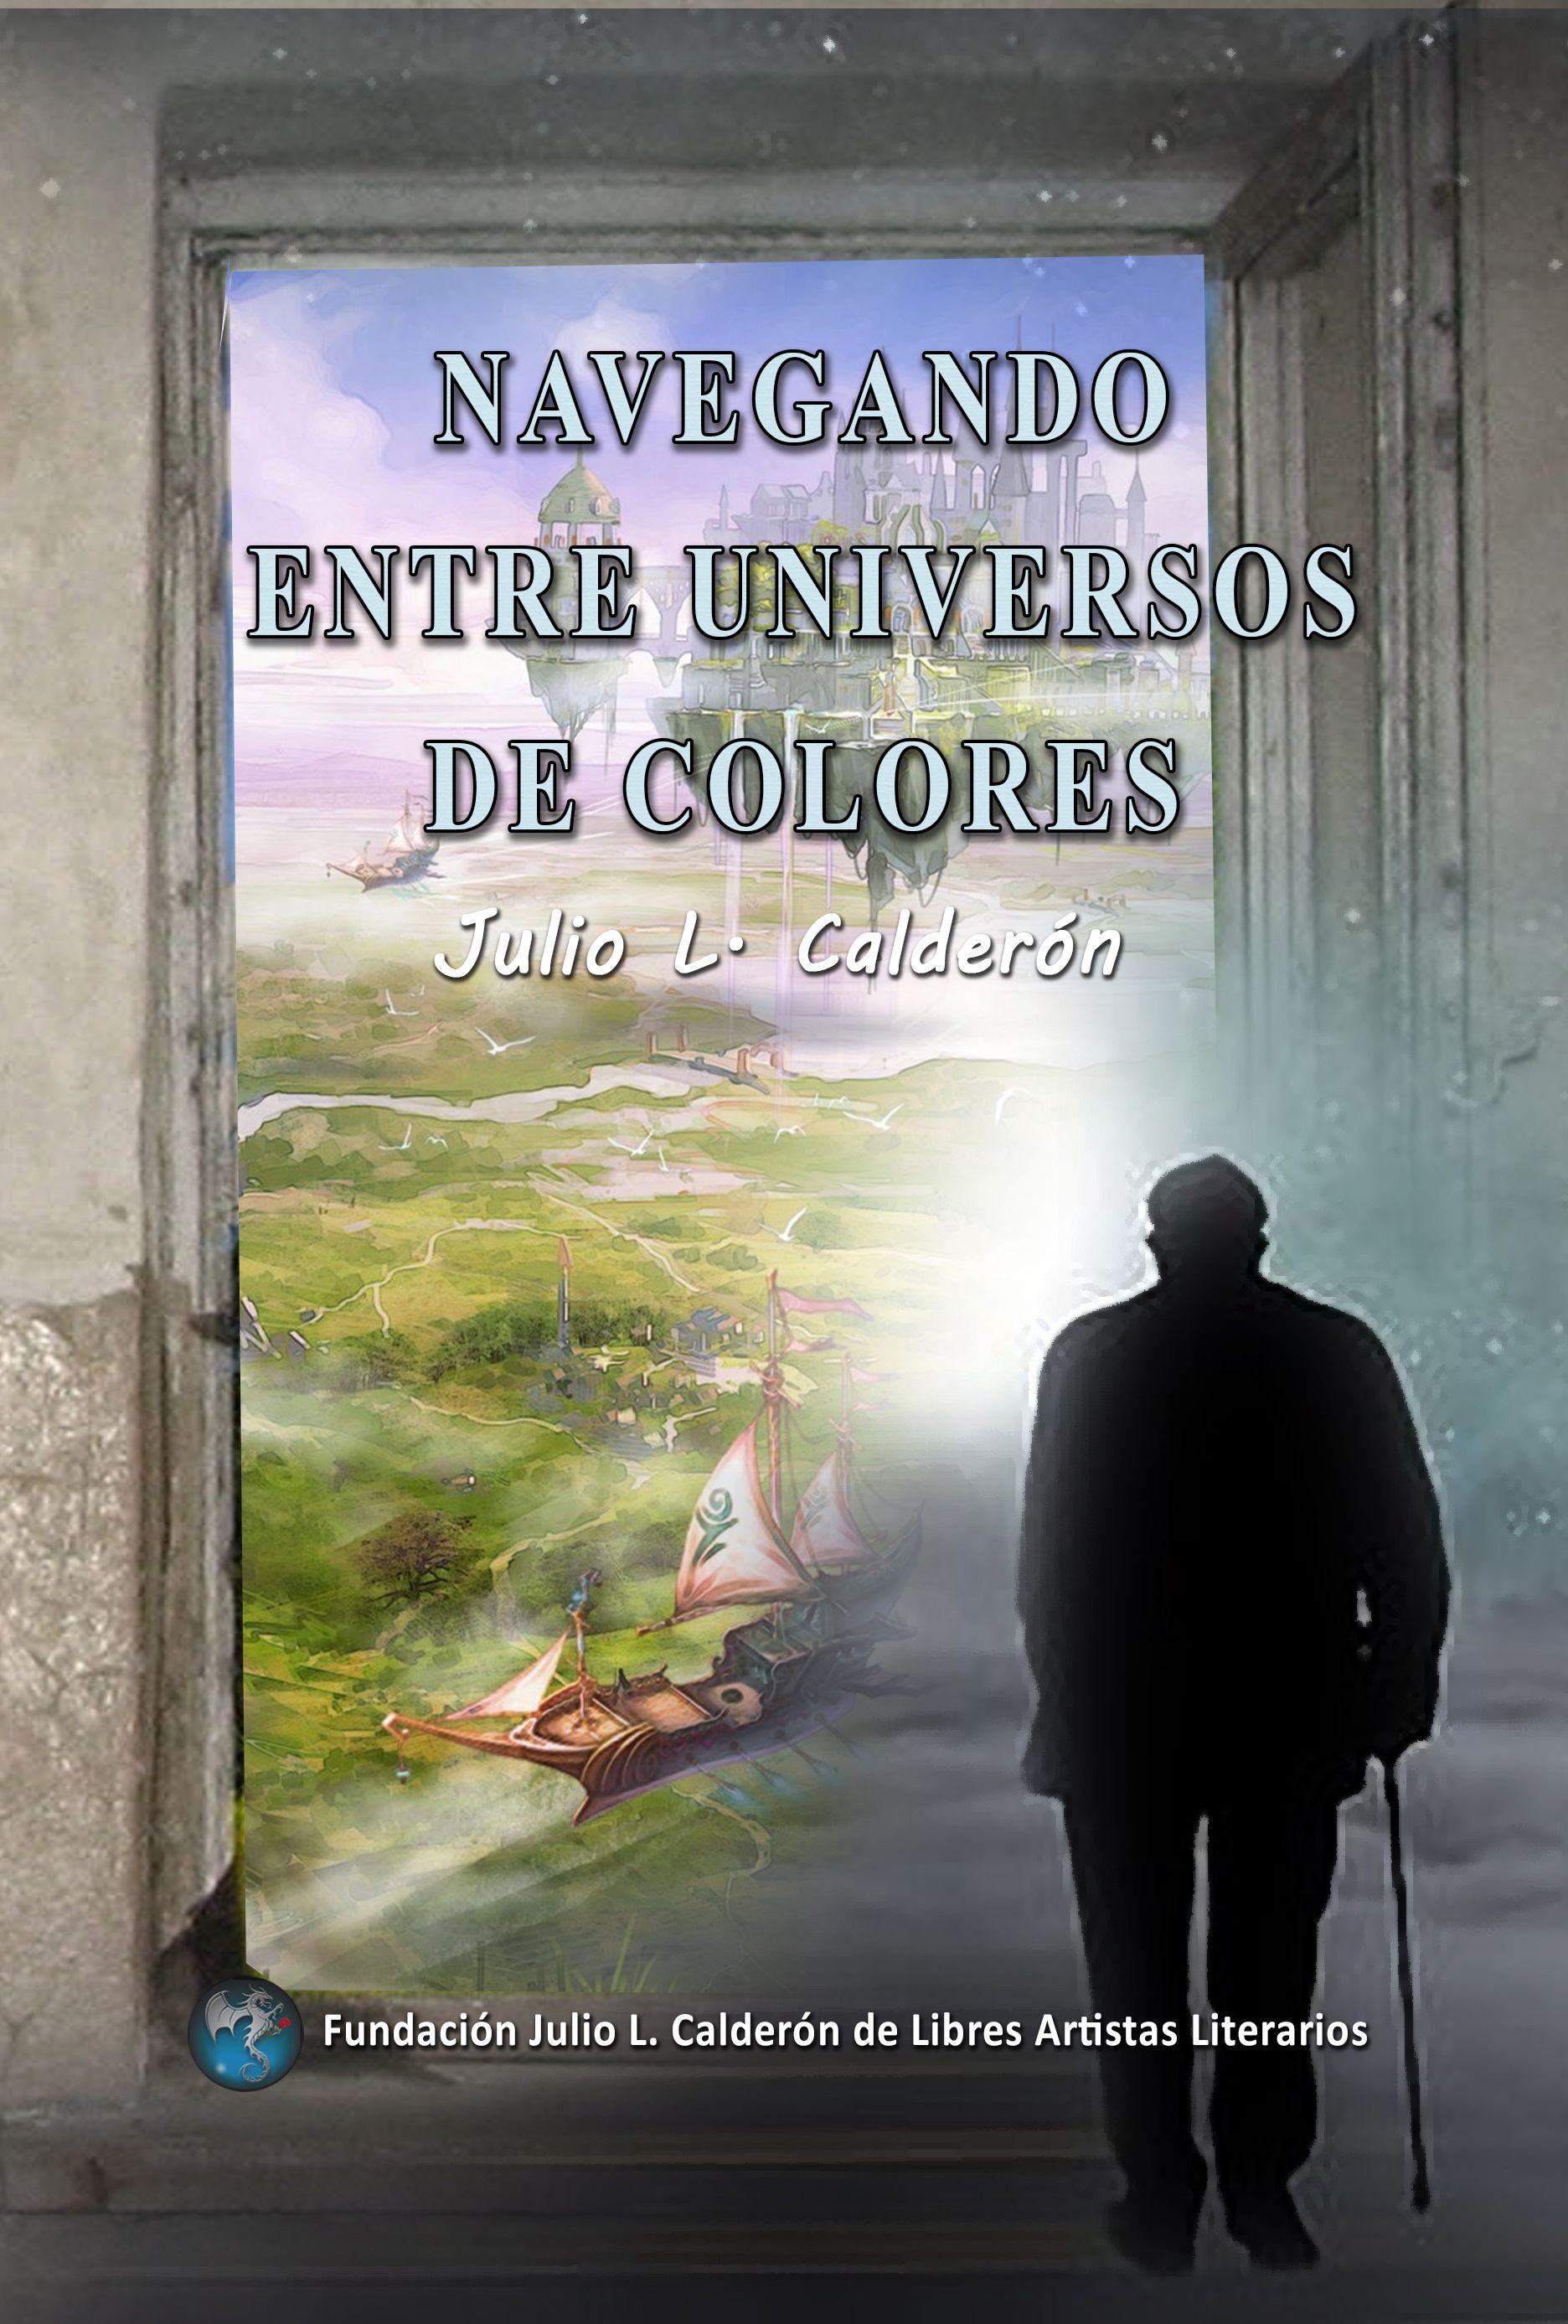 El CMC acollirà dissabte 24 de març a les 11.30h la presentació del nou llibre de Julio L. Calderón